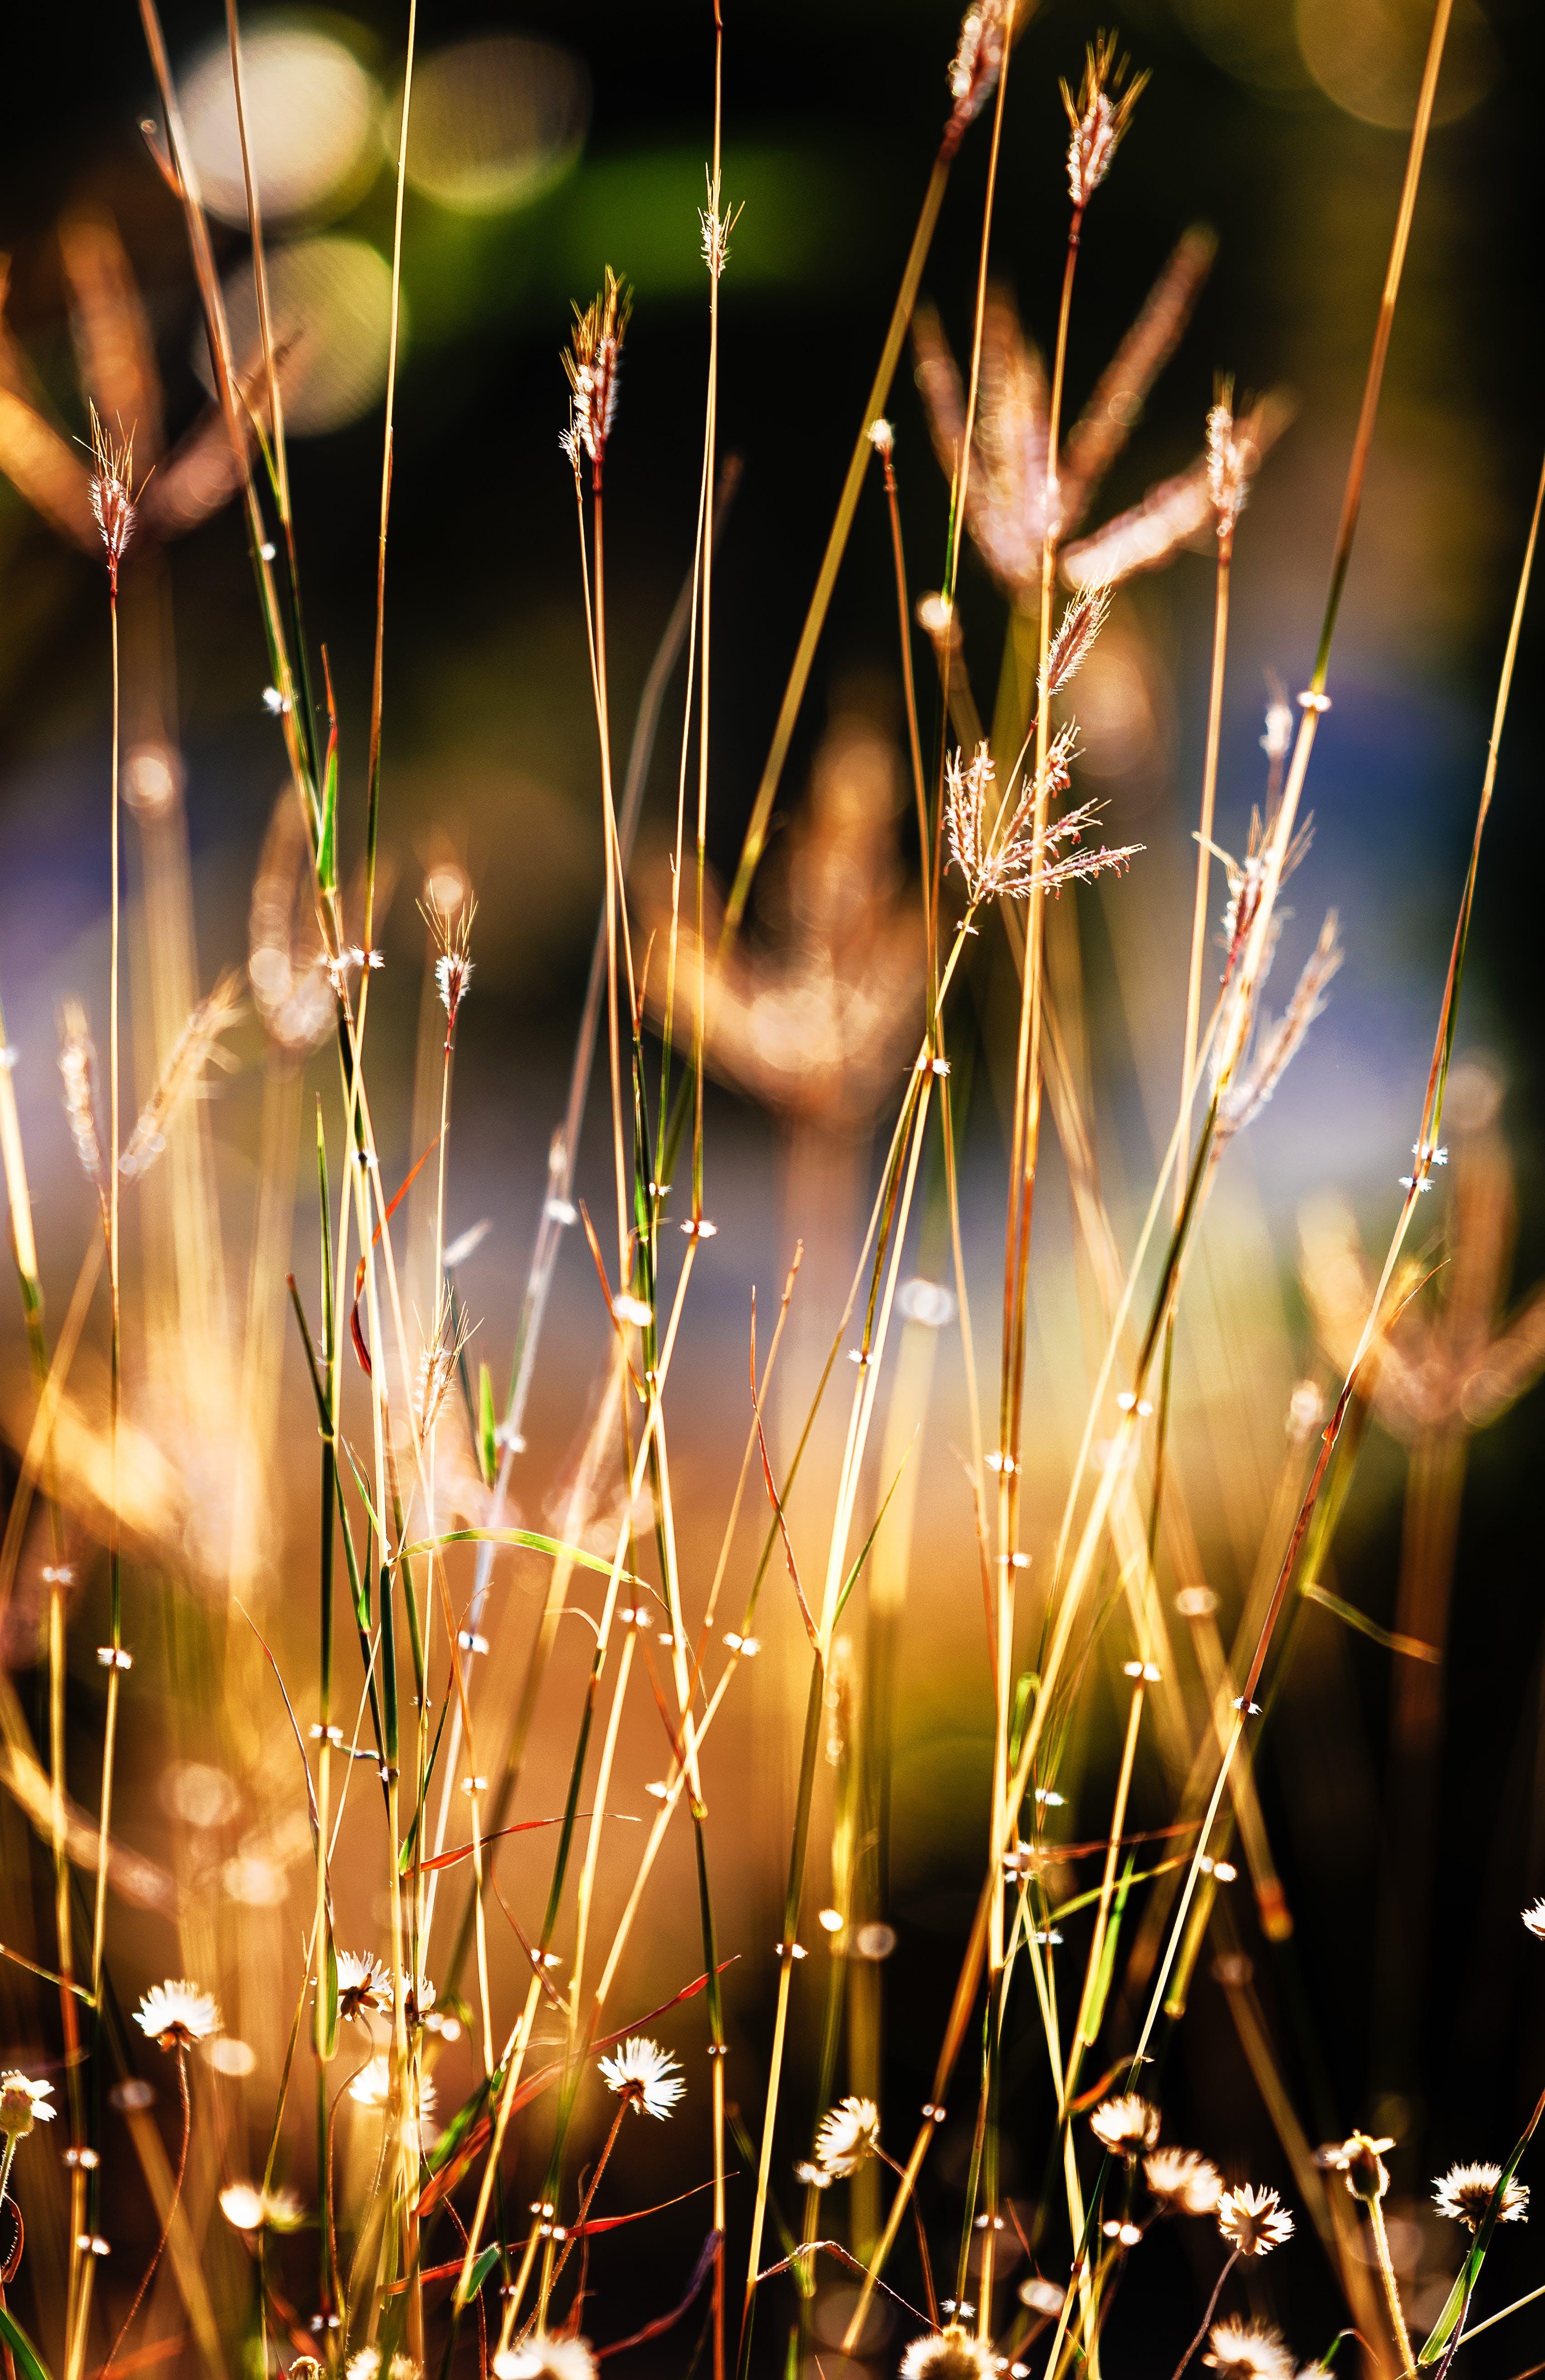 Gratis lagerfoto af bane, blomster, close-up, dybde